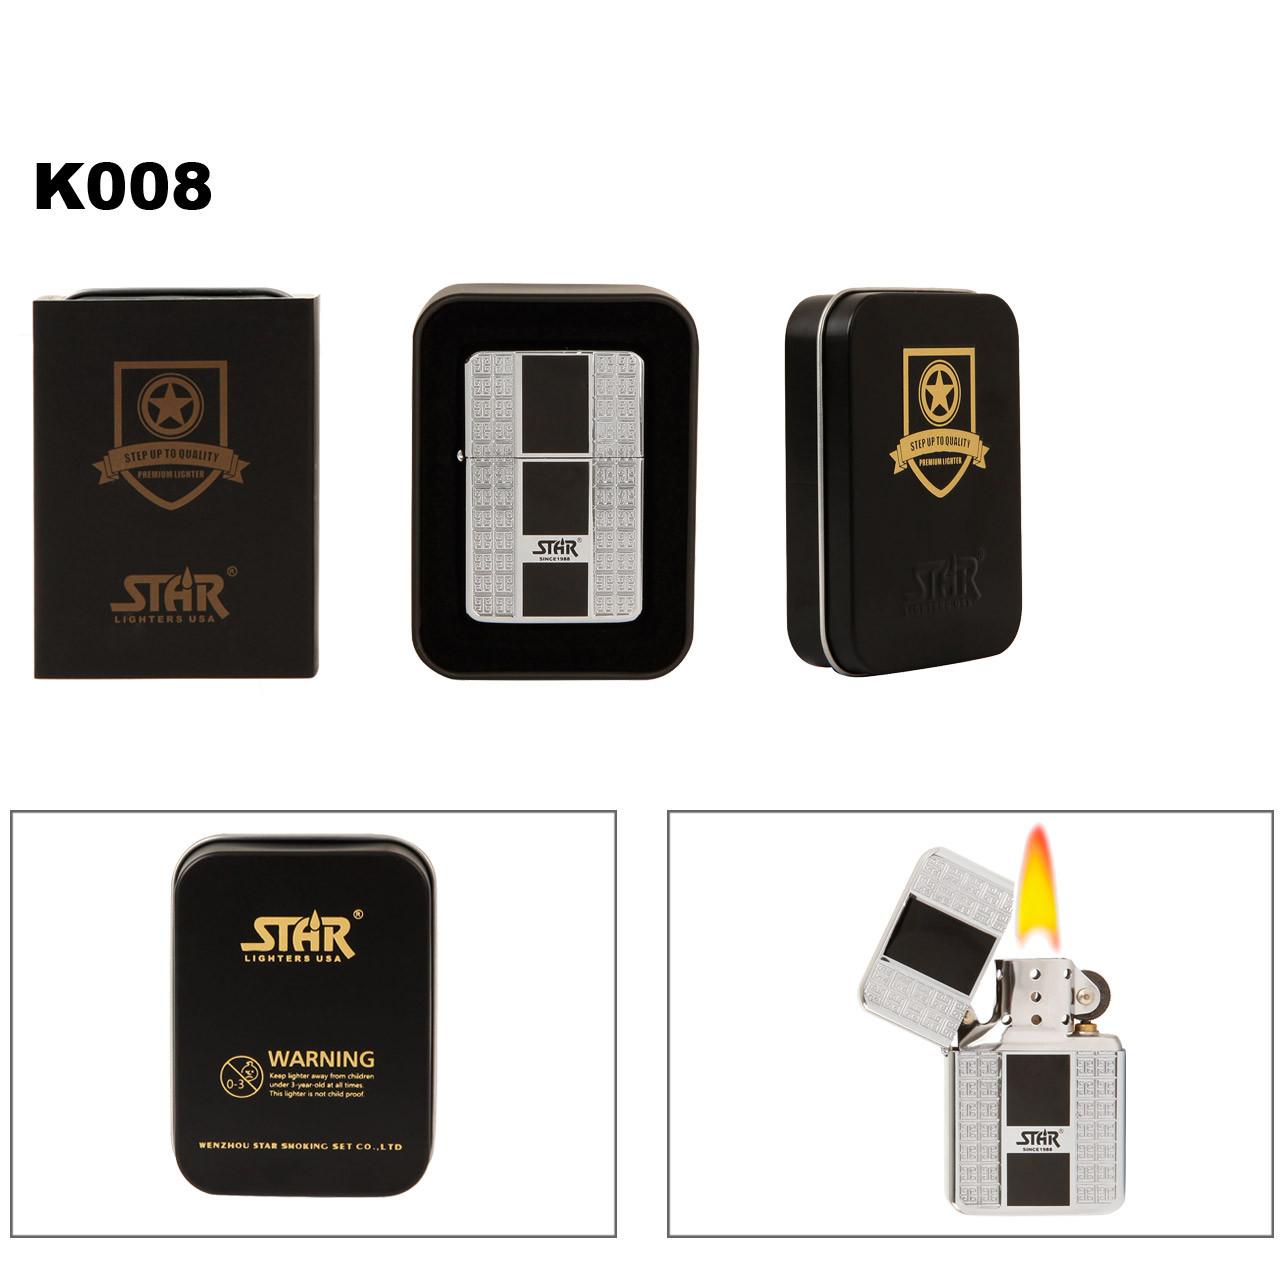 Star Lighter K008 & Lighter Tin